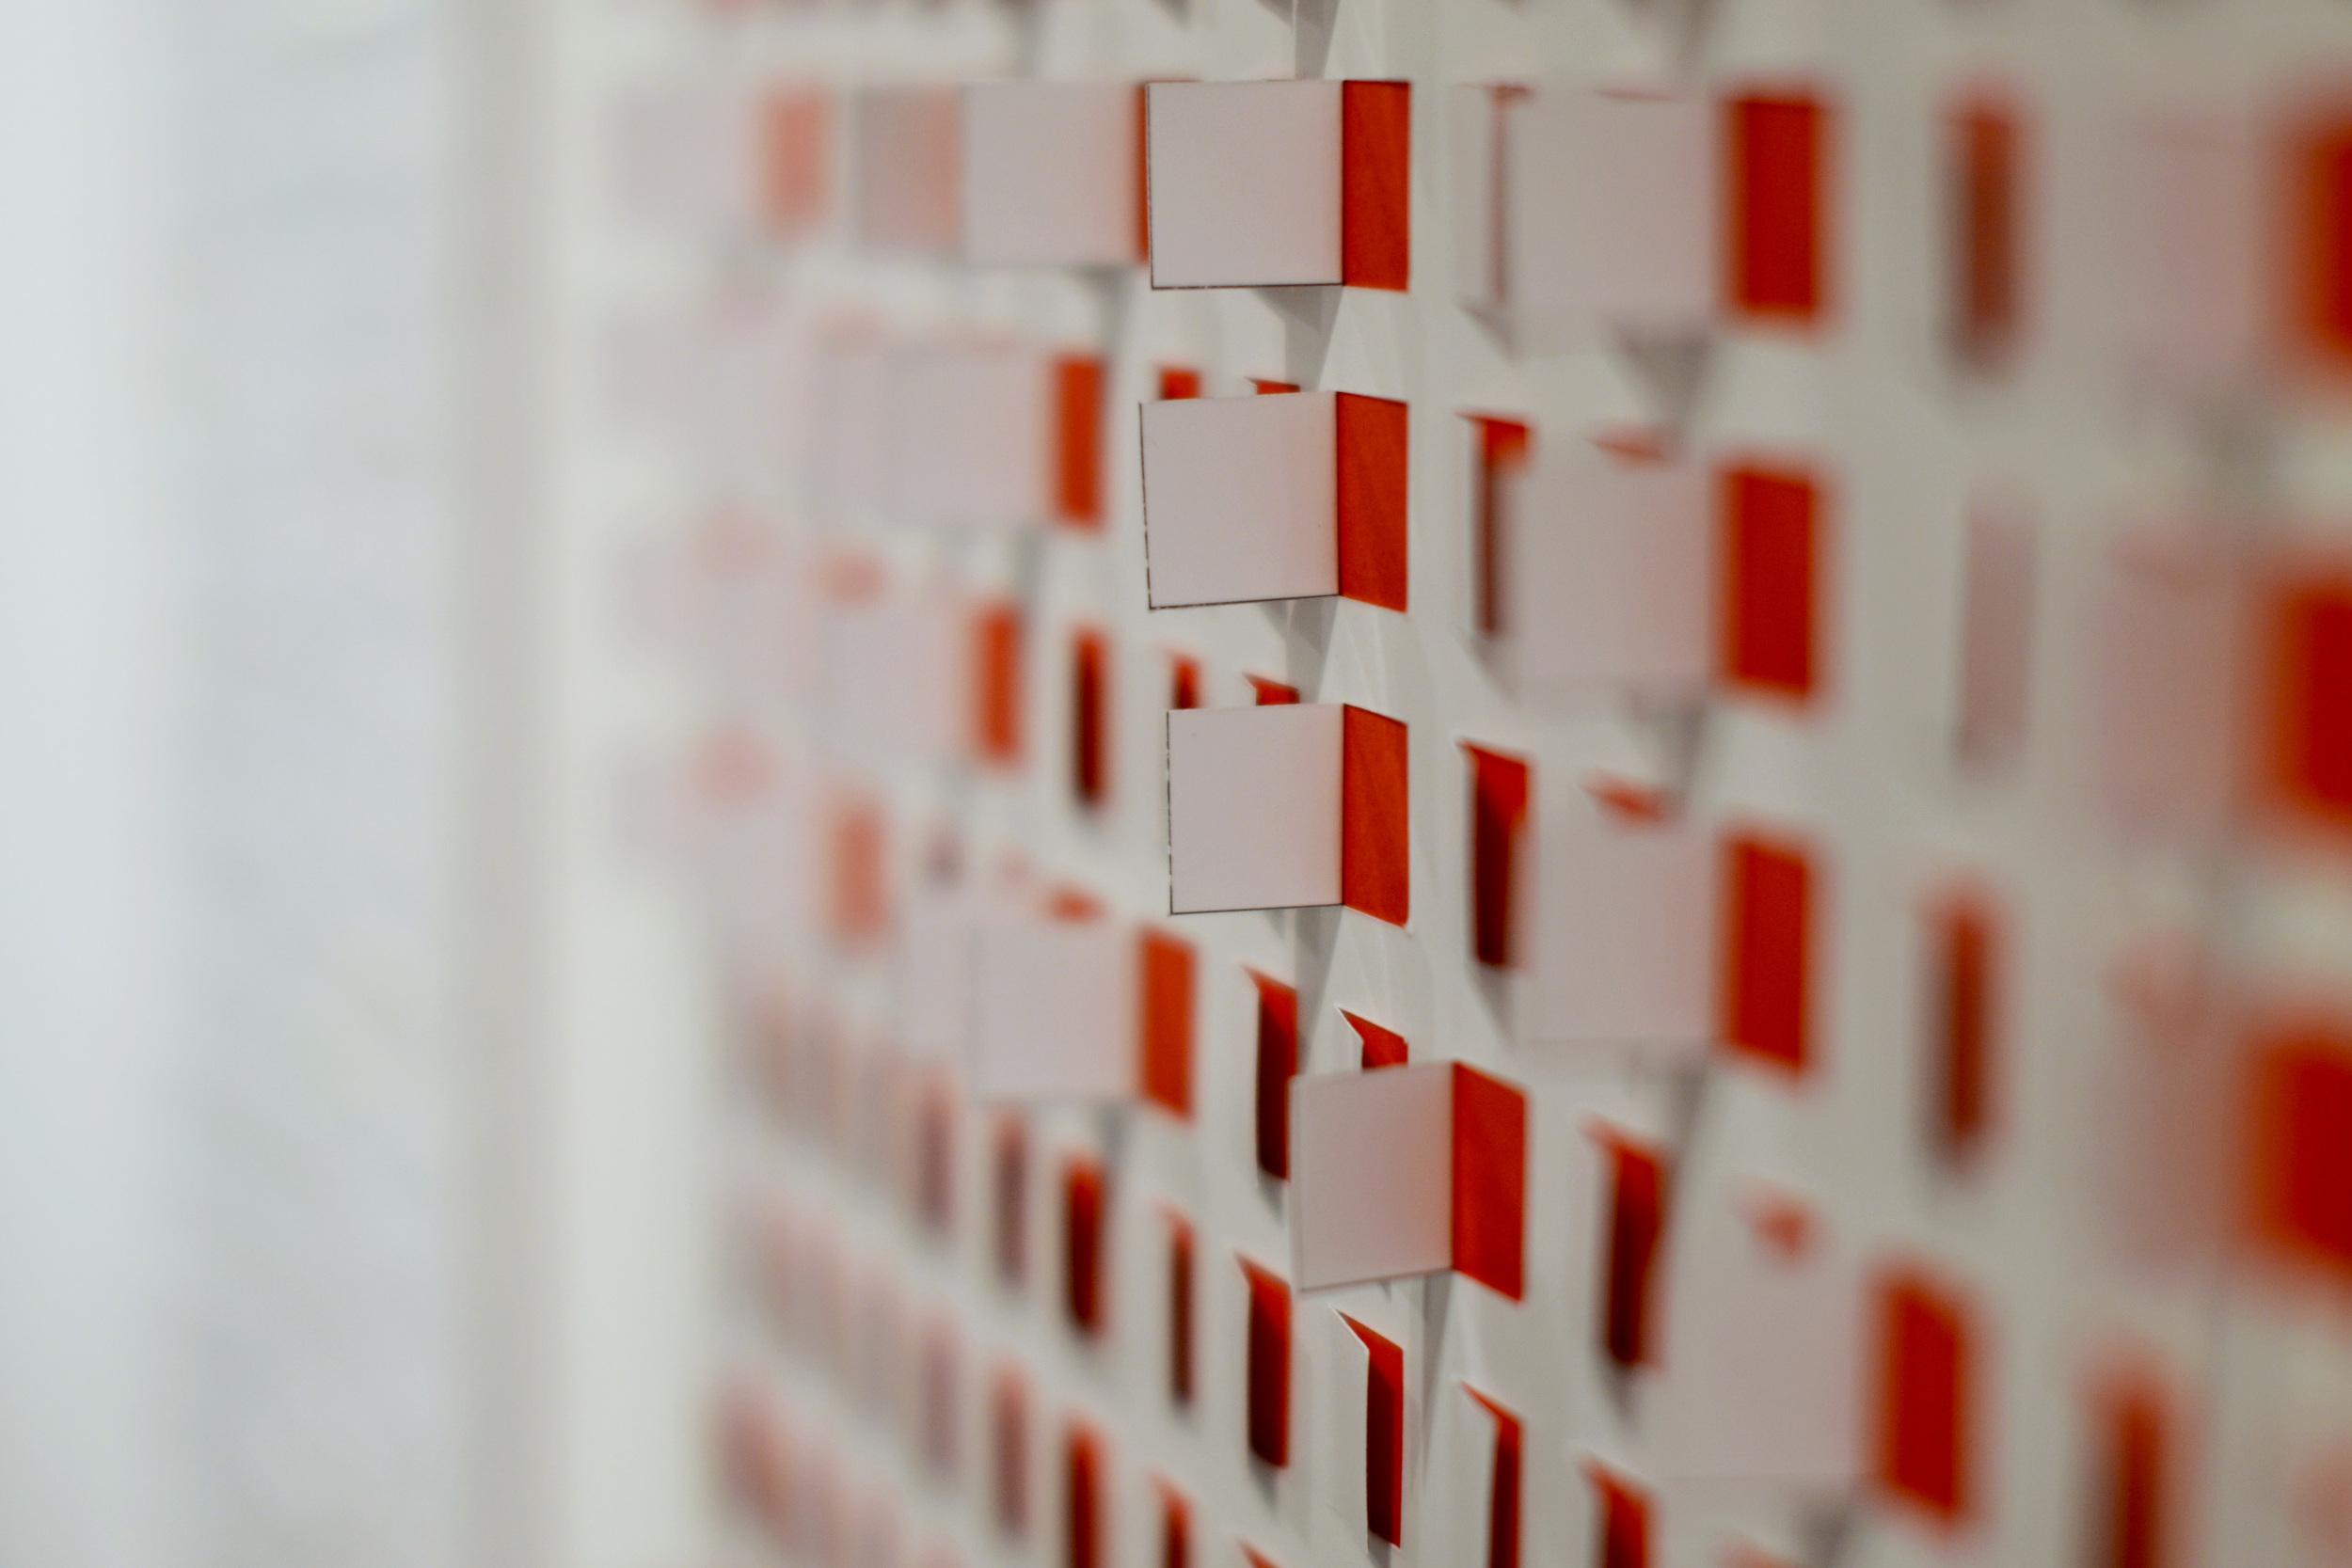 pixelposter_02.jpg